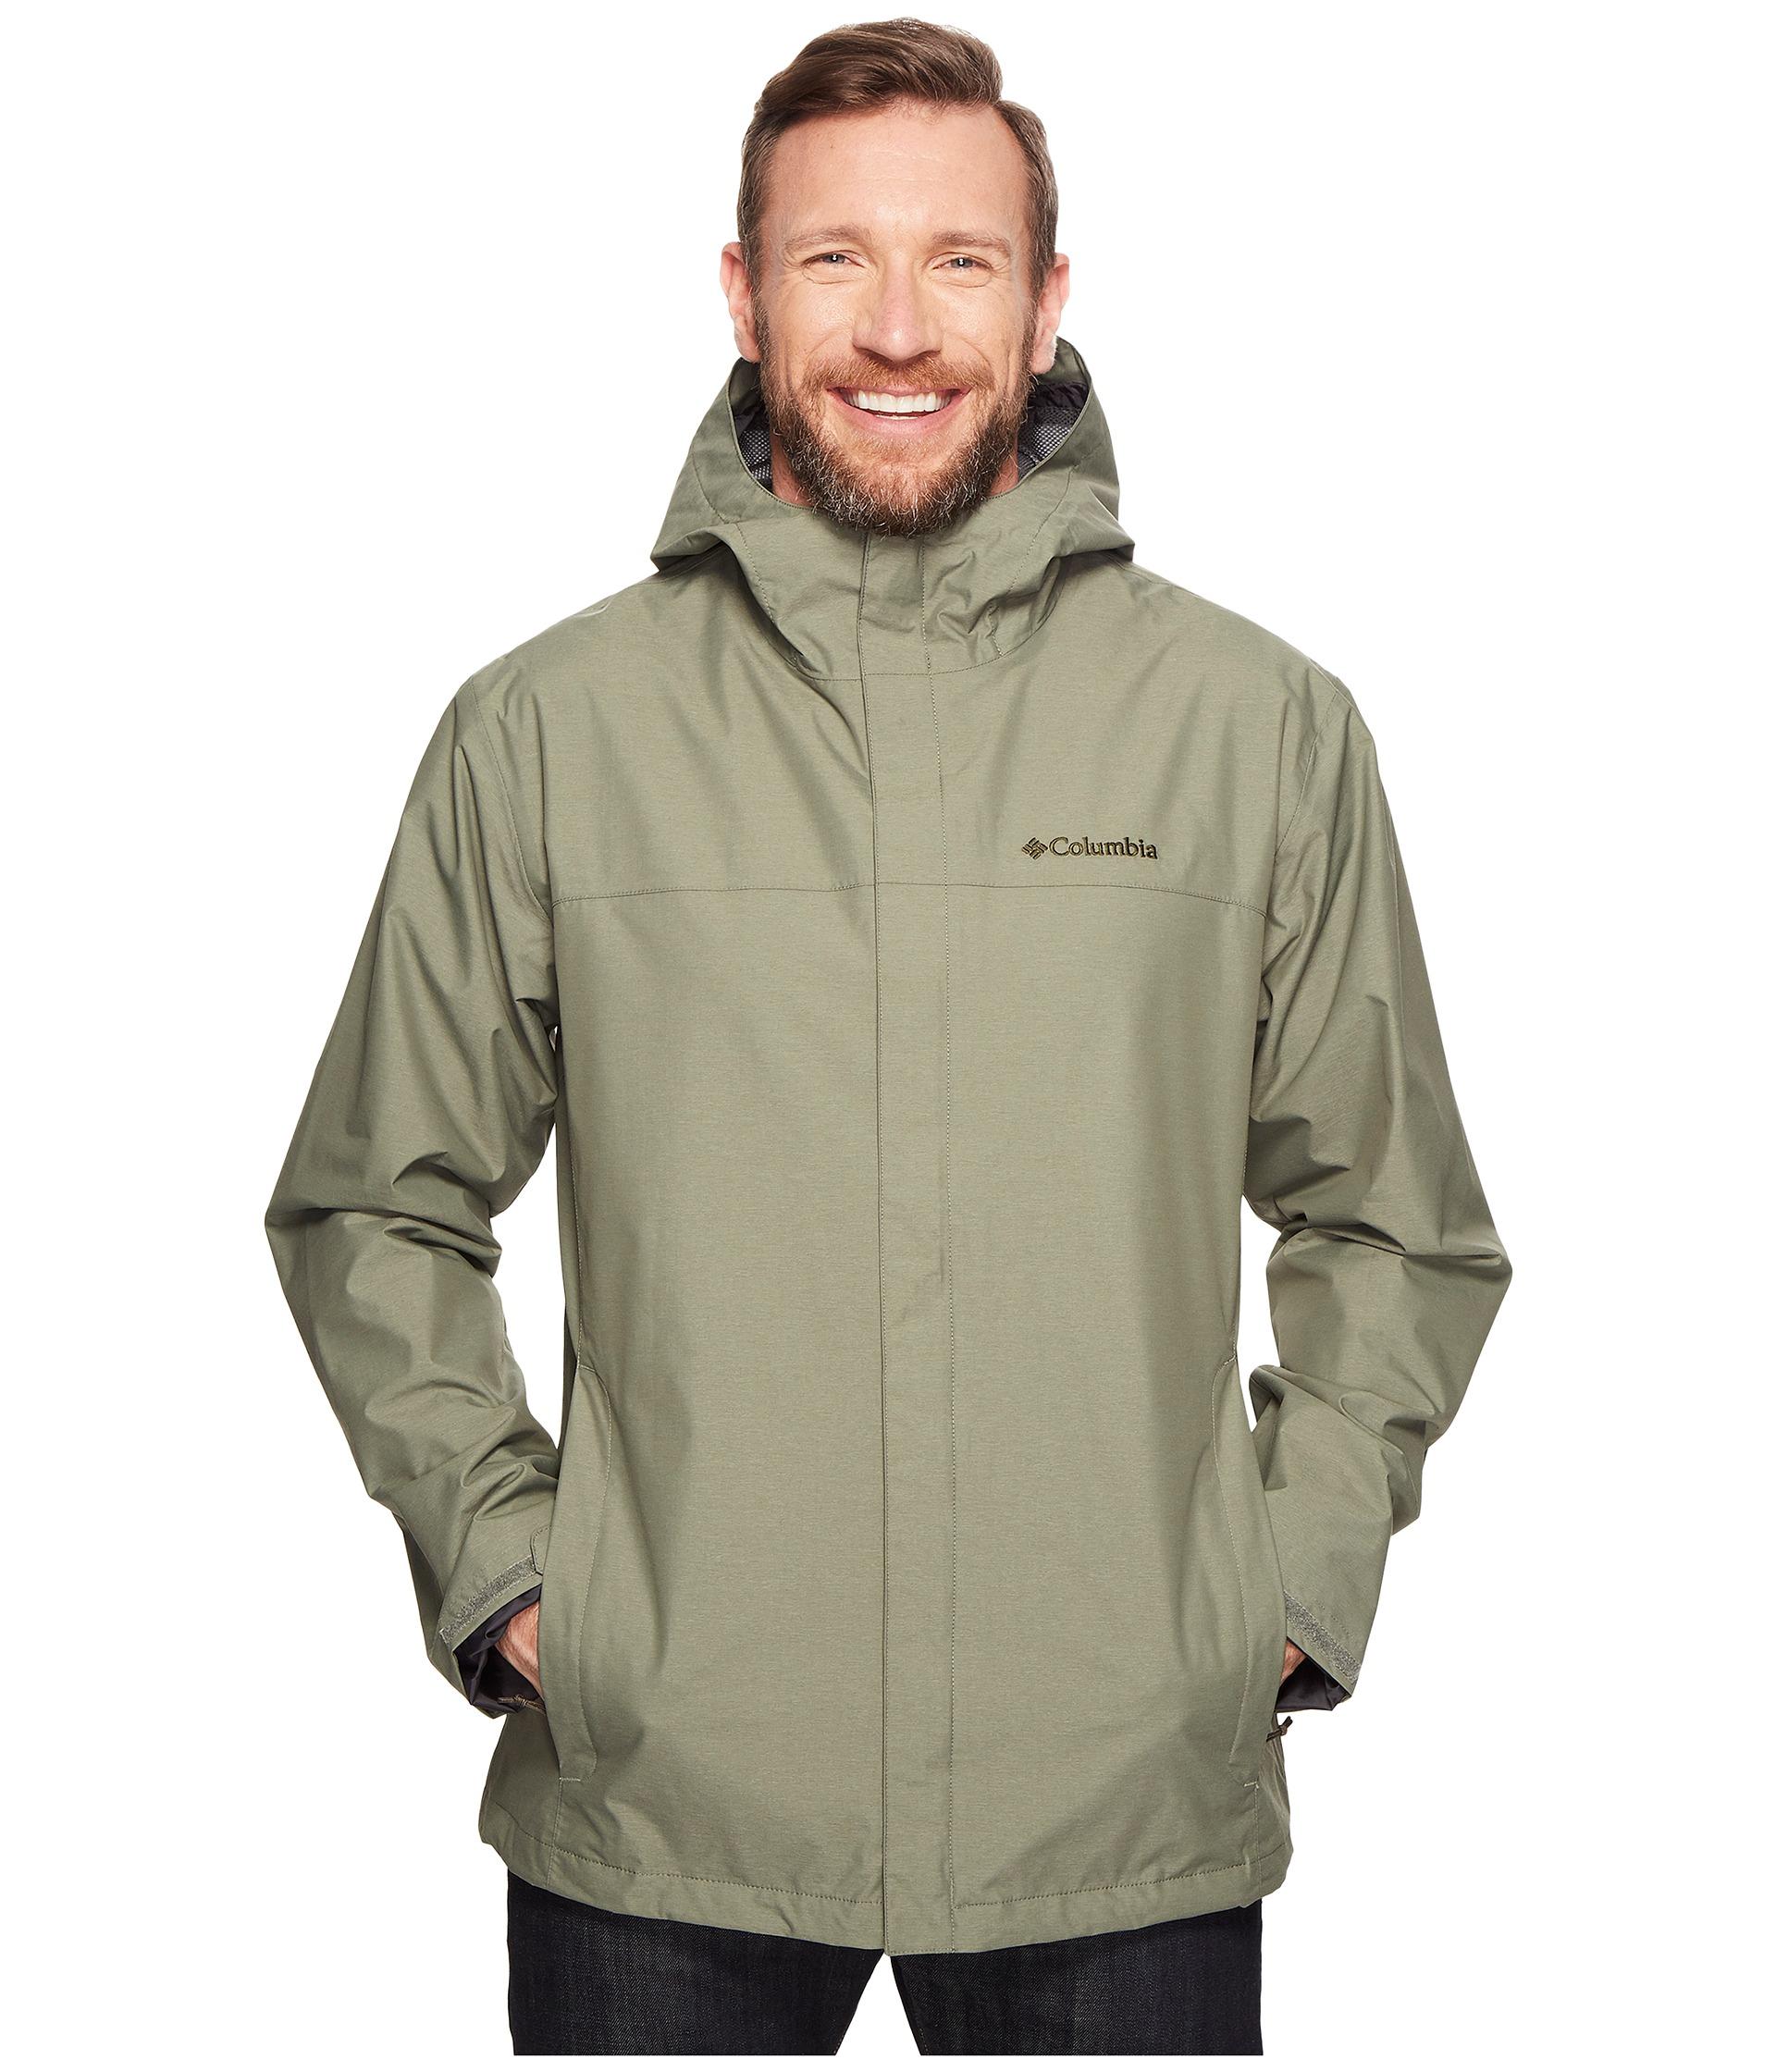 Jackets & Coats | Zappos.com FREE Shipping